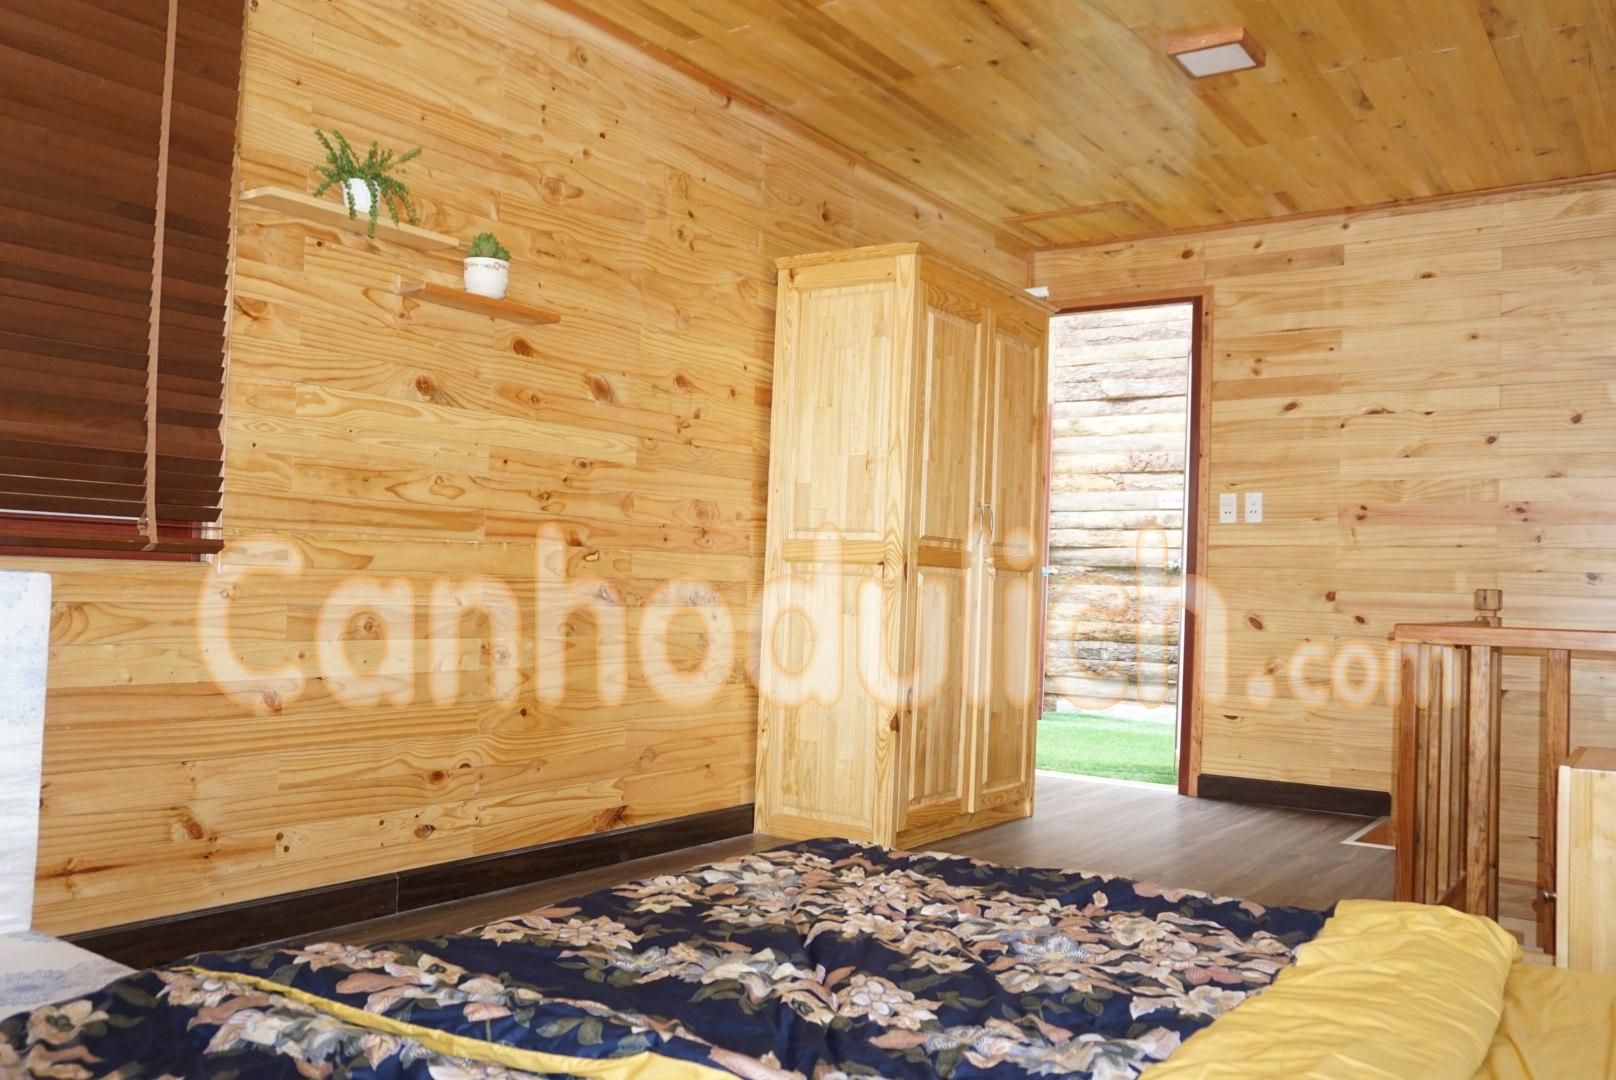 https://s3-ap-southeast-1.amazonaws.com/viettrip/Products/64b73c43-b290-4a05-9252-a1835fa127fa/162647_04102018_viettrip-villa-da-lat-thv-7-canhodulich6.jpg